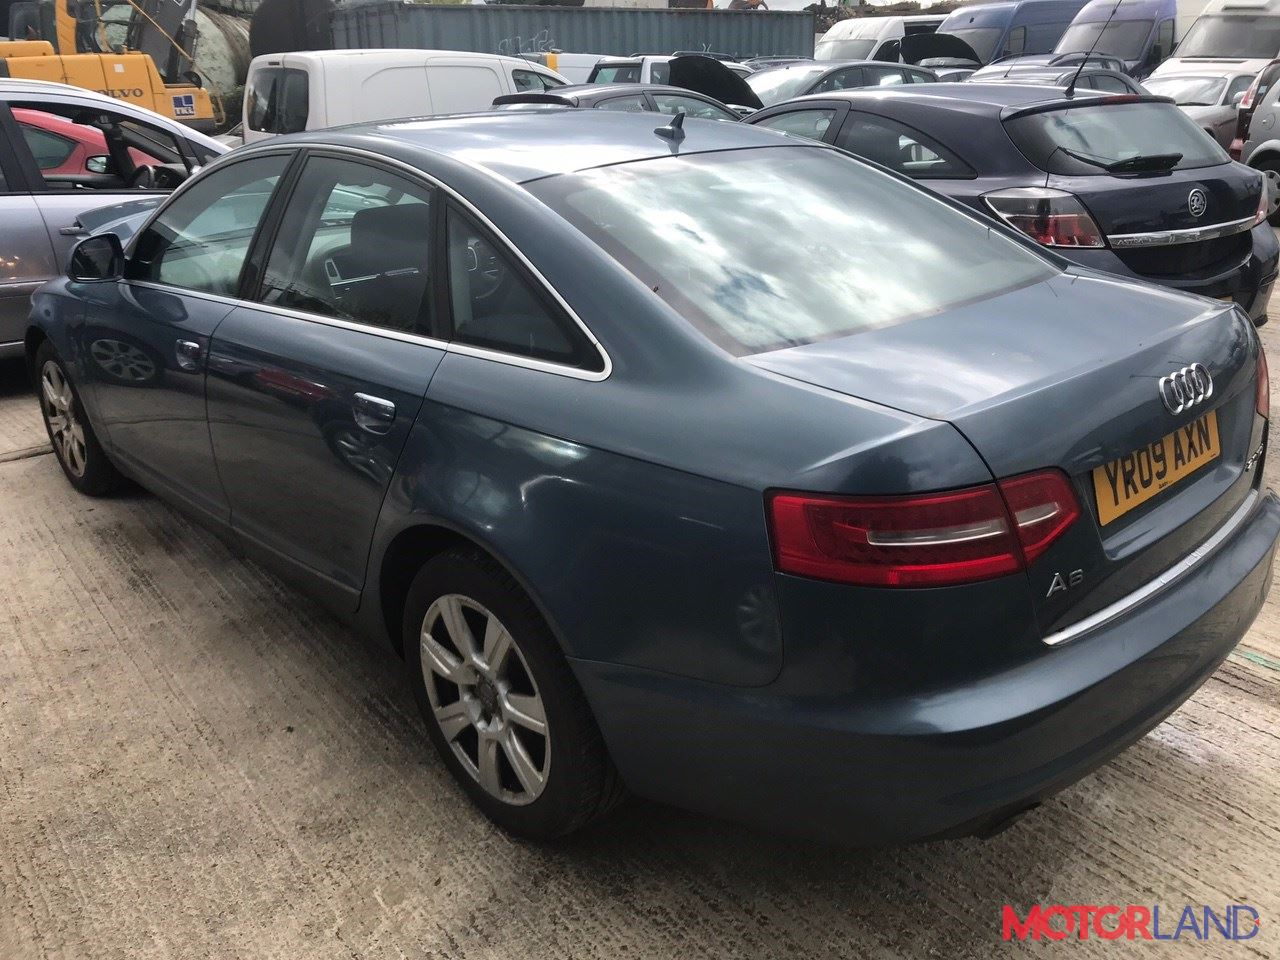 Audi A6 (C6) 2005-2011, разборочный номер T21372 #4